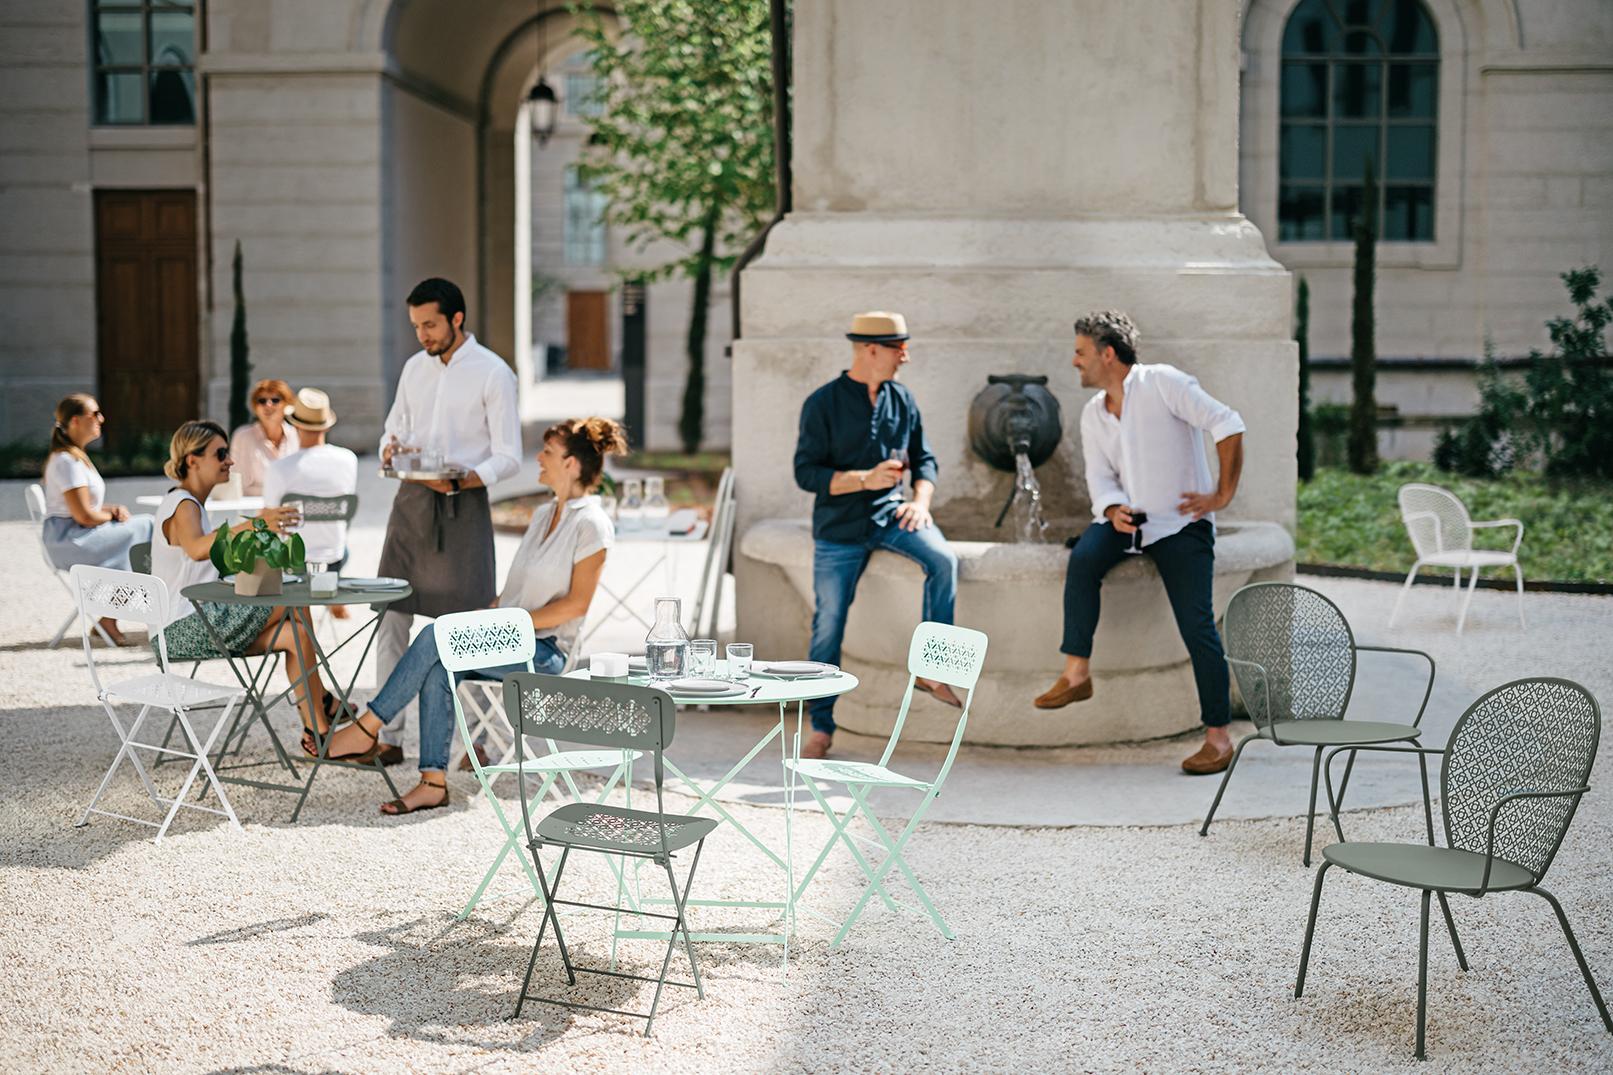 terrasse restaurant, mobilier restaurant, chaise terrasse, table terrasse